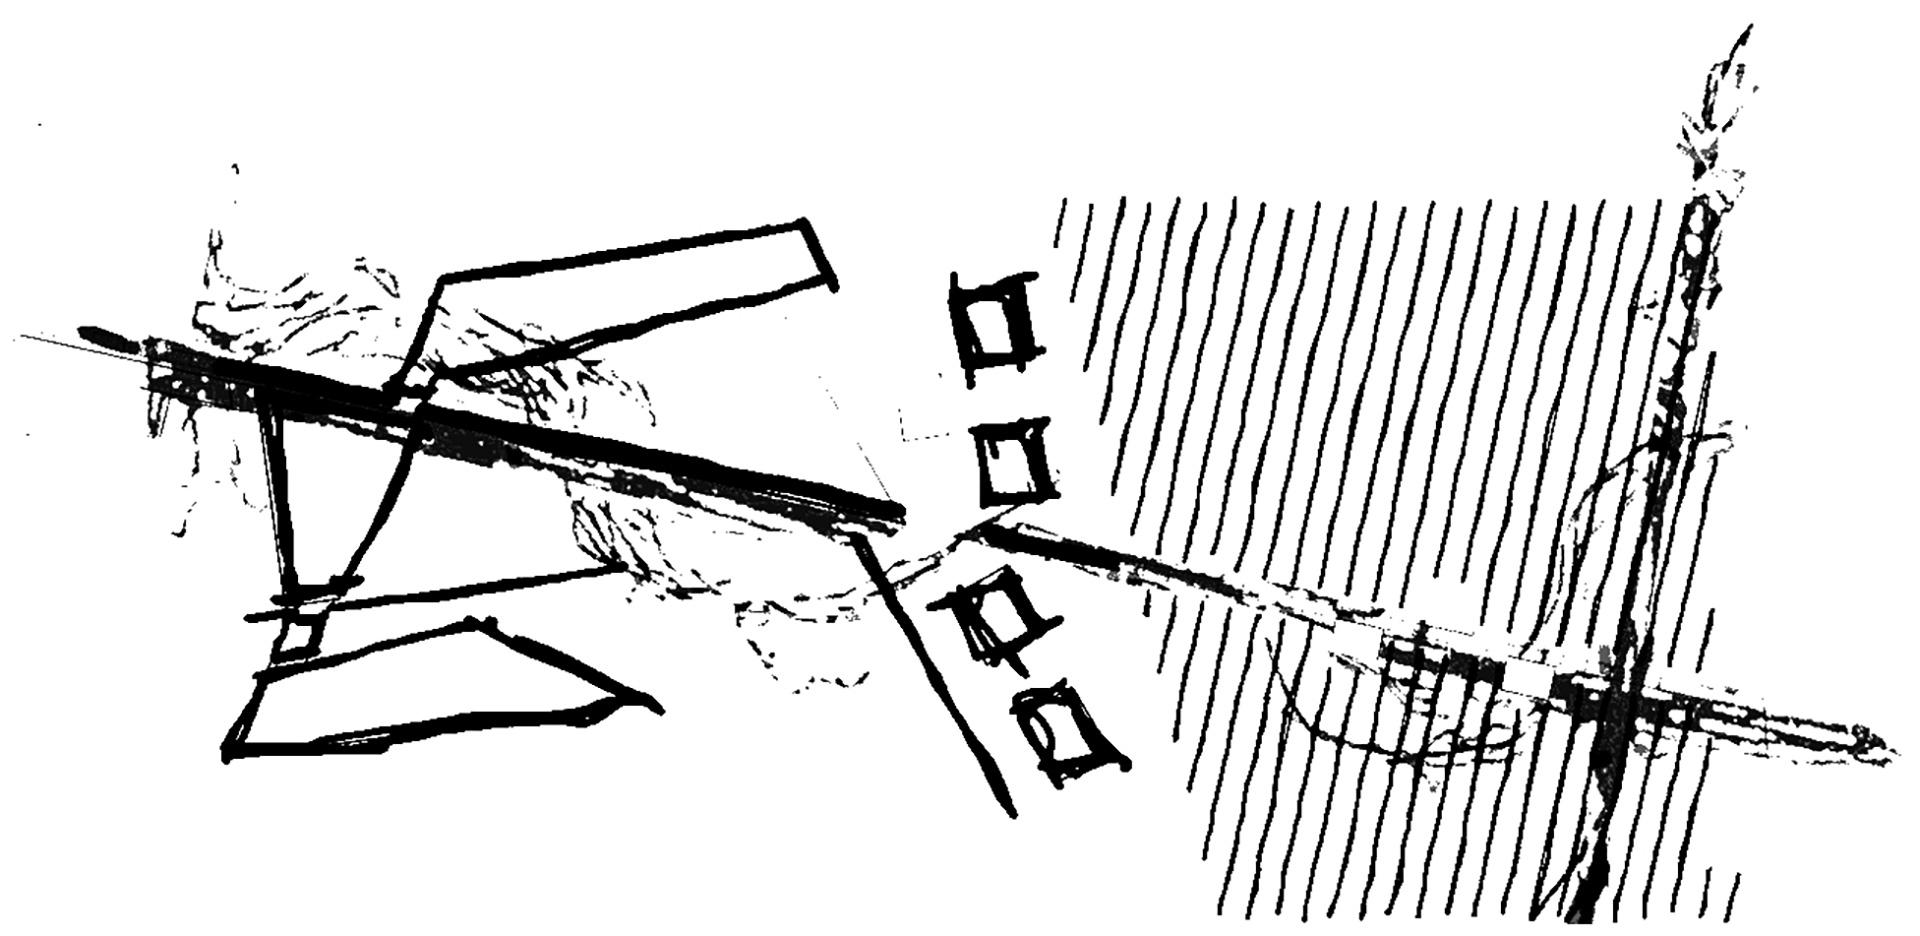 le fabbriche di natura. l'iter compositivo si è sviluppato in un progetto articolato sia in pianta che in alzato che ha assunto come orizzonte ideale il concetto della vite:come la vite si sviluppa lungo i tralci rimanendo un corpo unico, così il progetto si sviluppa liberamente nello spazio rimanendo sempre ancorato alle due direzioni di partenza che assicurano ordine ed unitarietà.